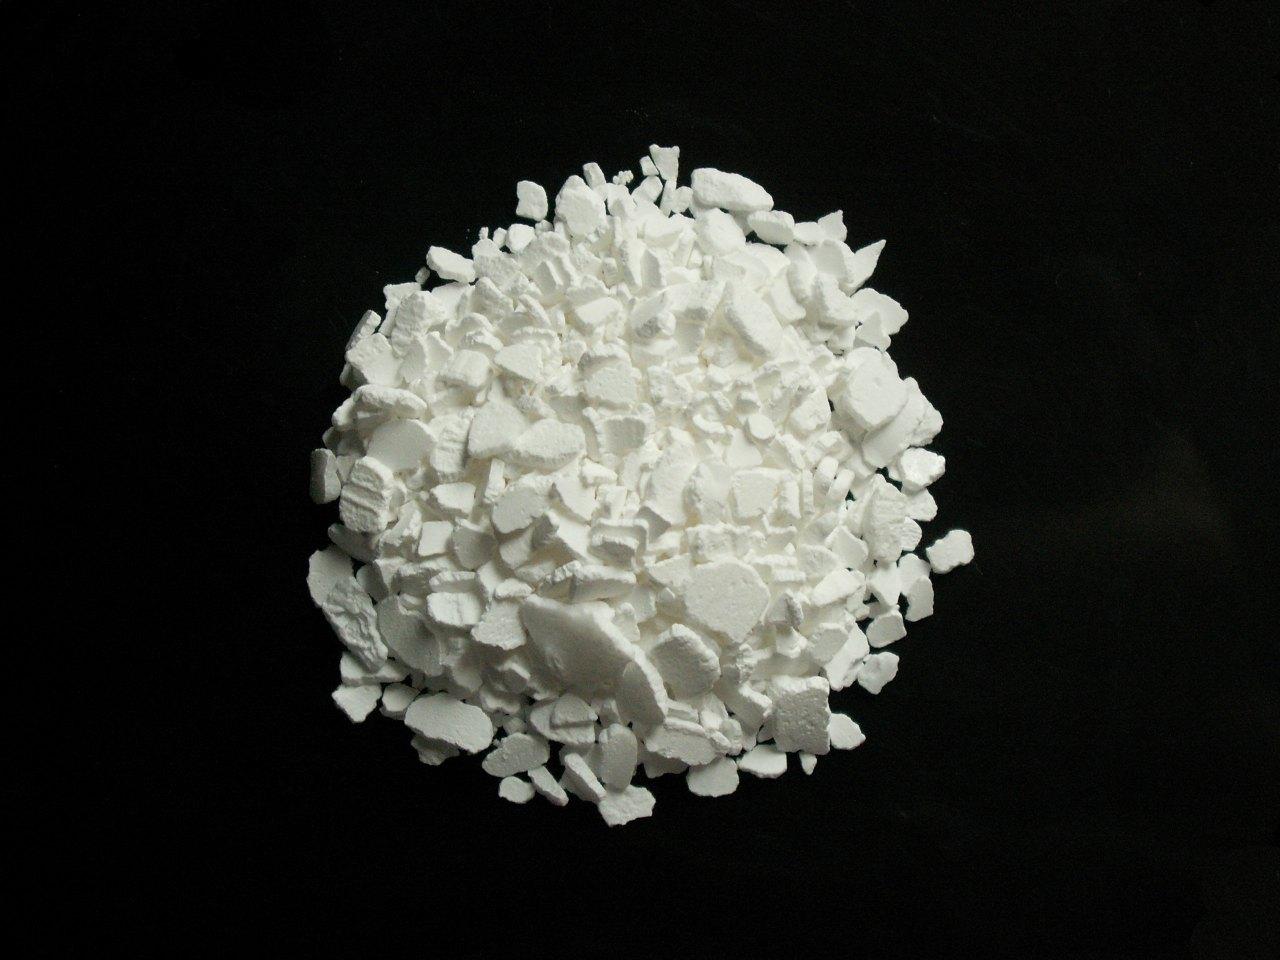 Calcium_chloride_CaCl2